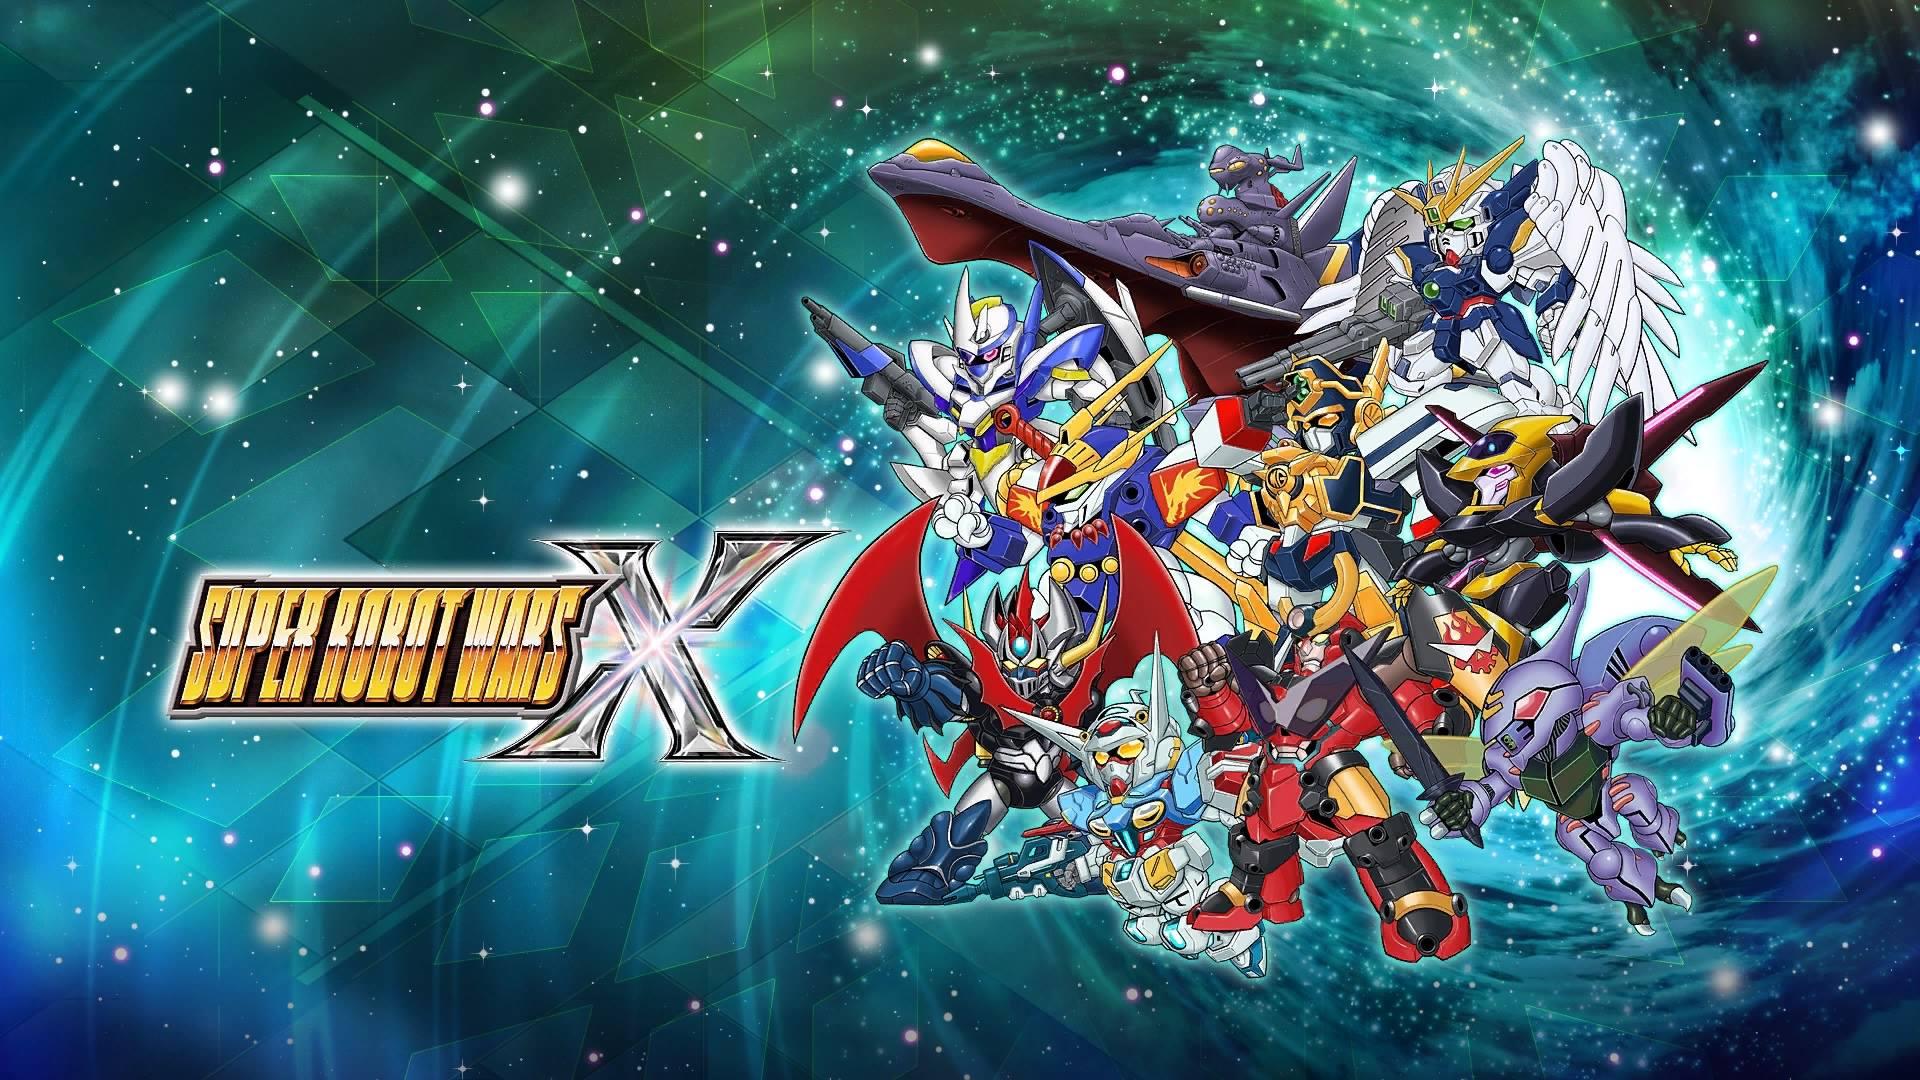 Bandai Namco anuncia os jogos Super Robot Wars X e Super Robot Wars V para o Nintendo Switch